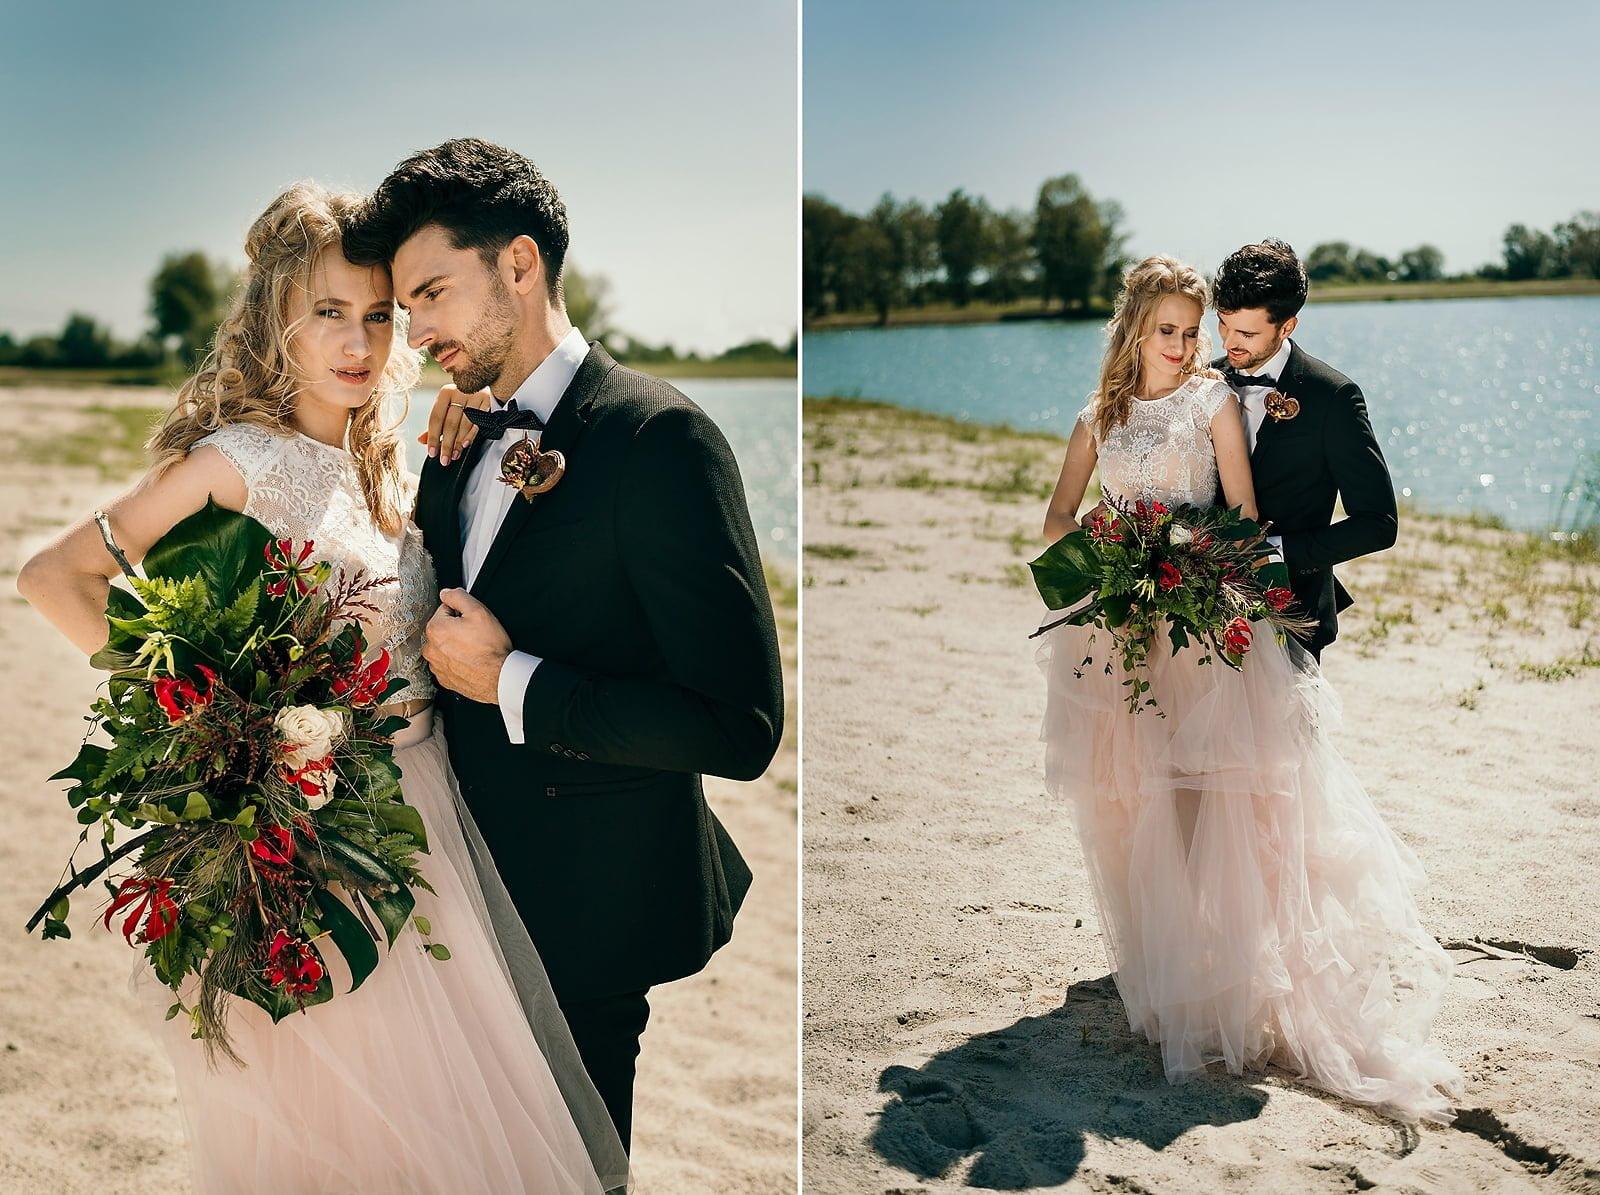 Stylizowana sesja ślubna w klimacie południowej Hiszpanii 2